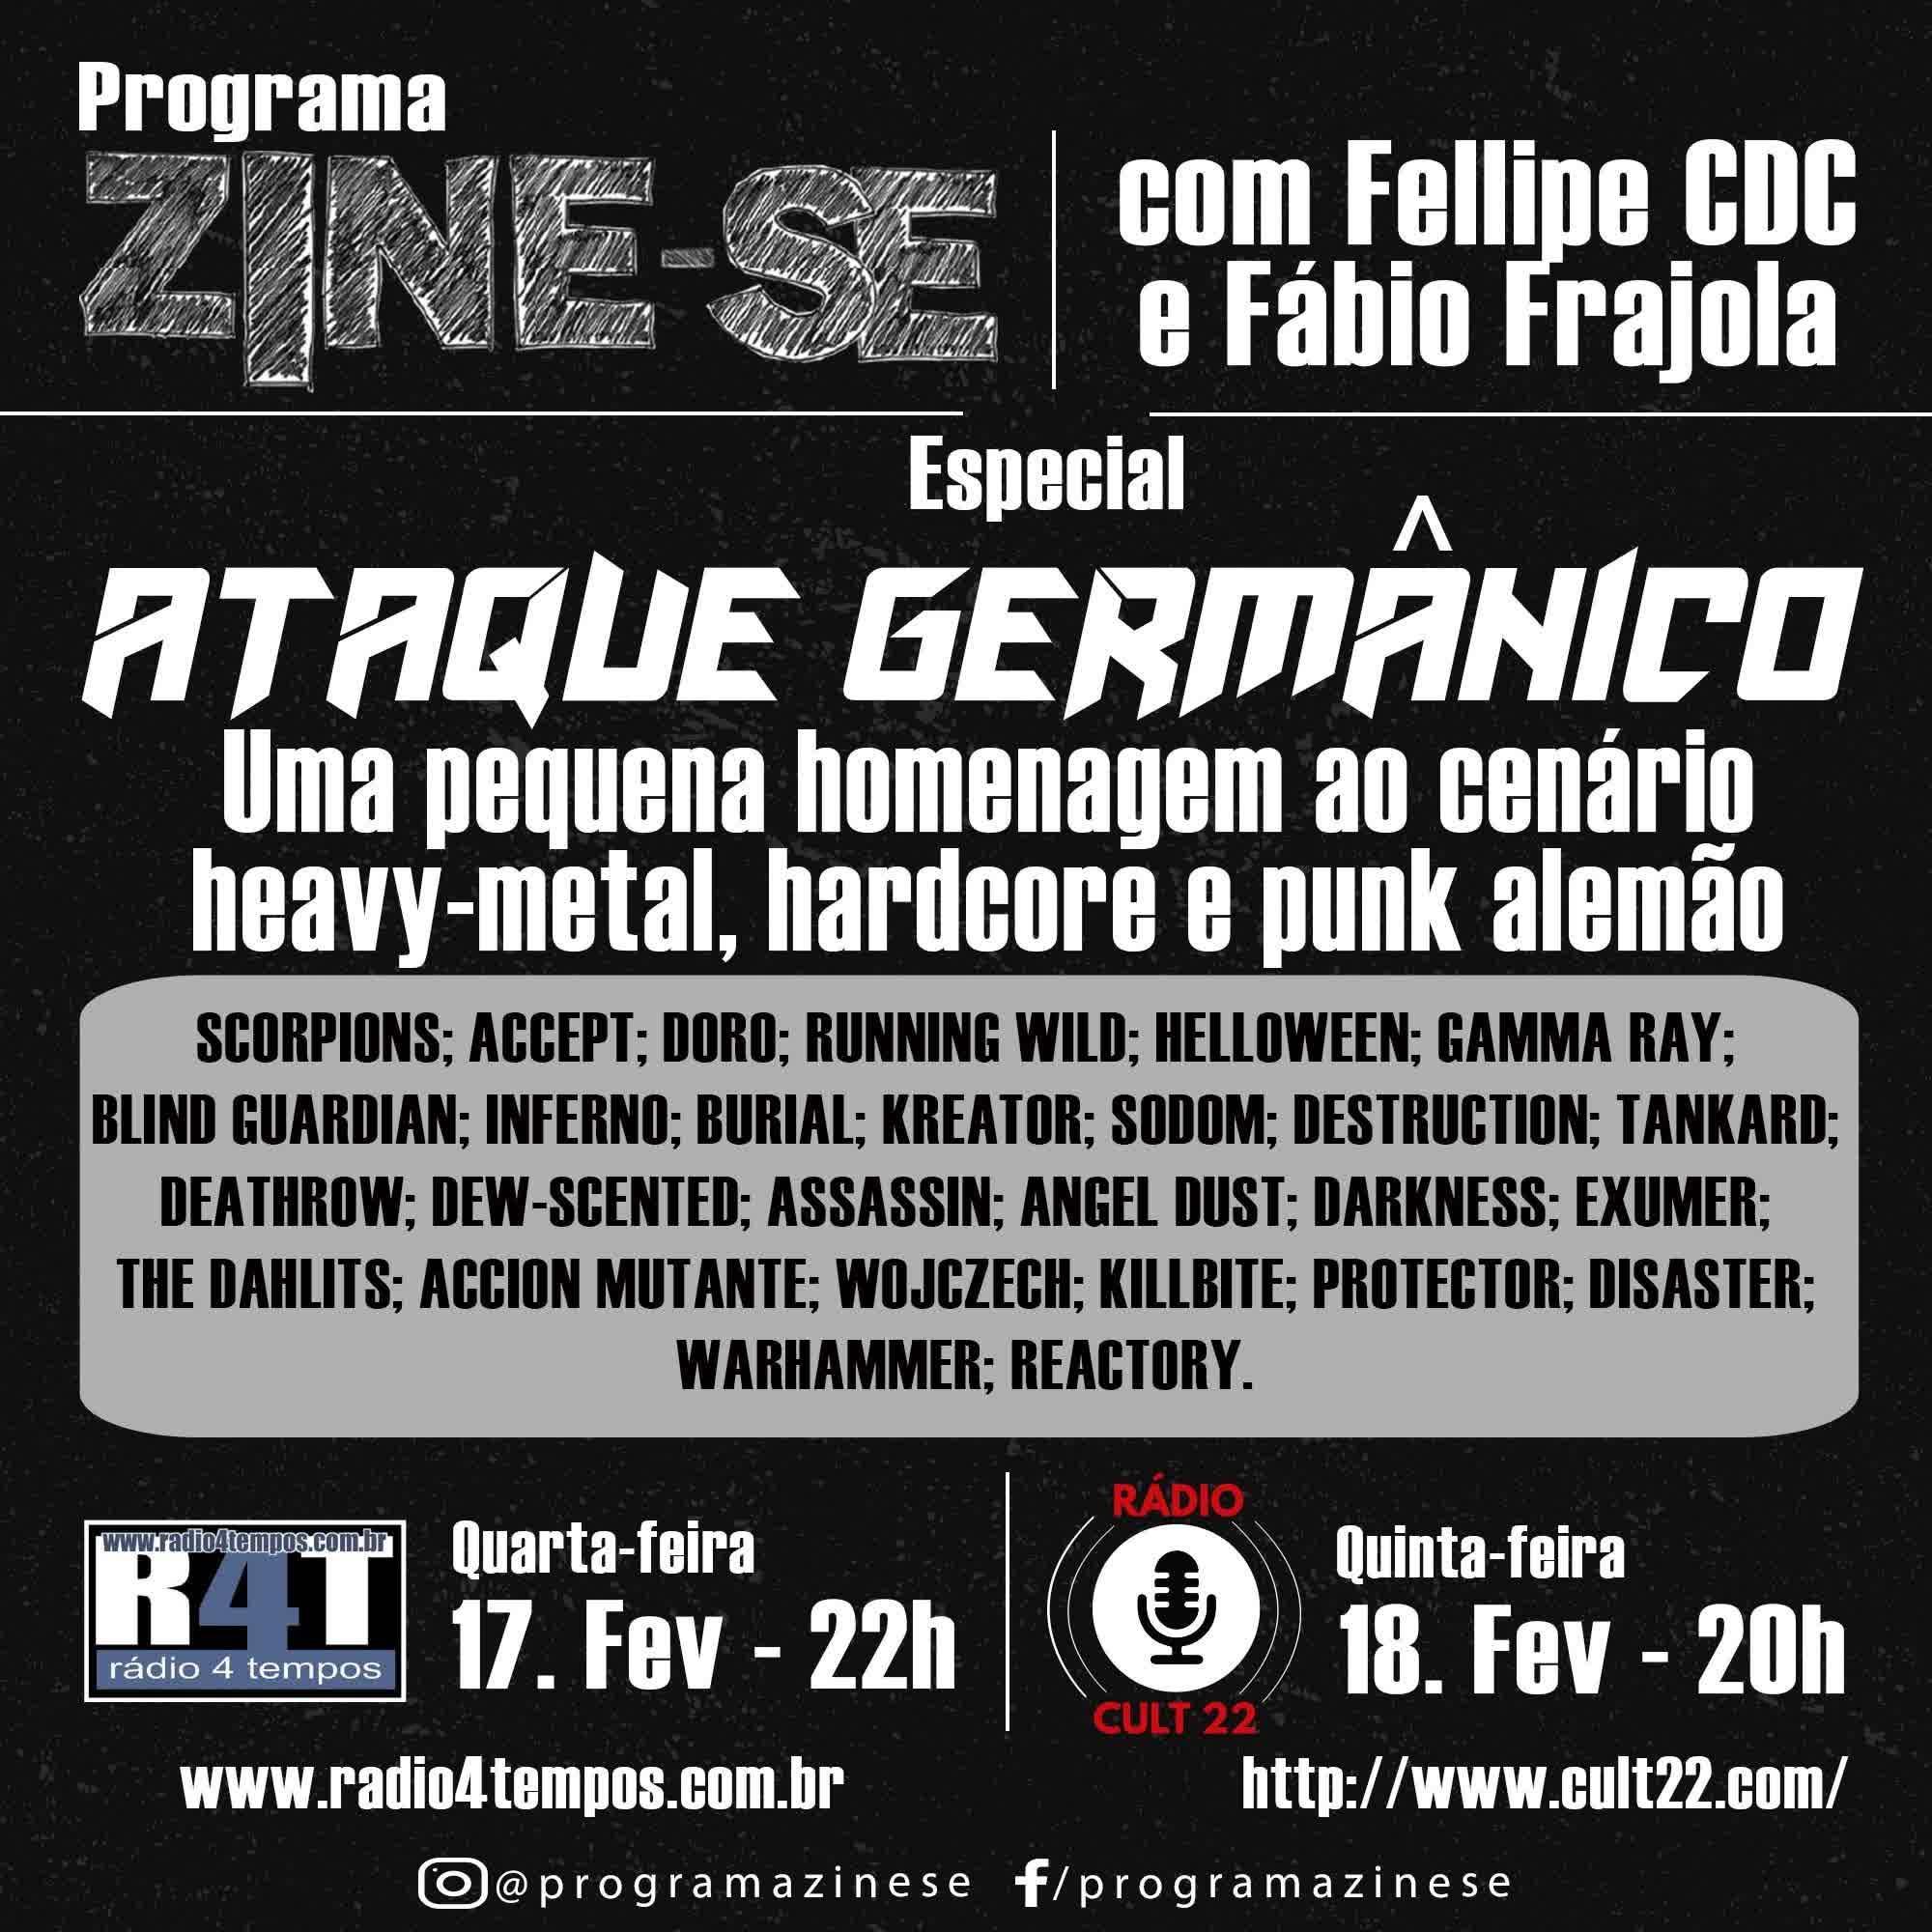 Rádio 4 Tempos - Zine-se 210:CdC e Frajola